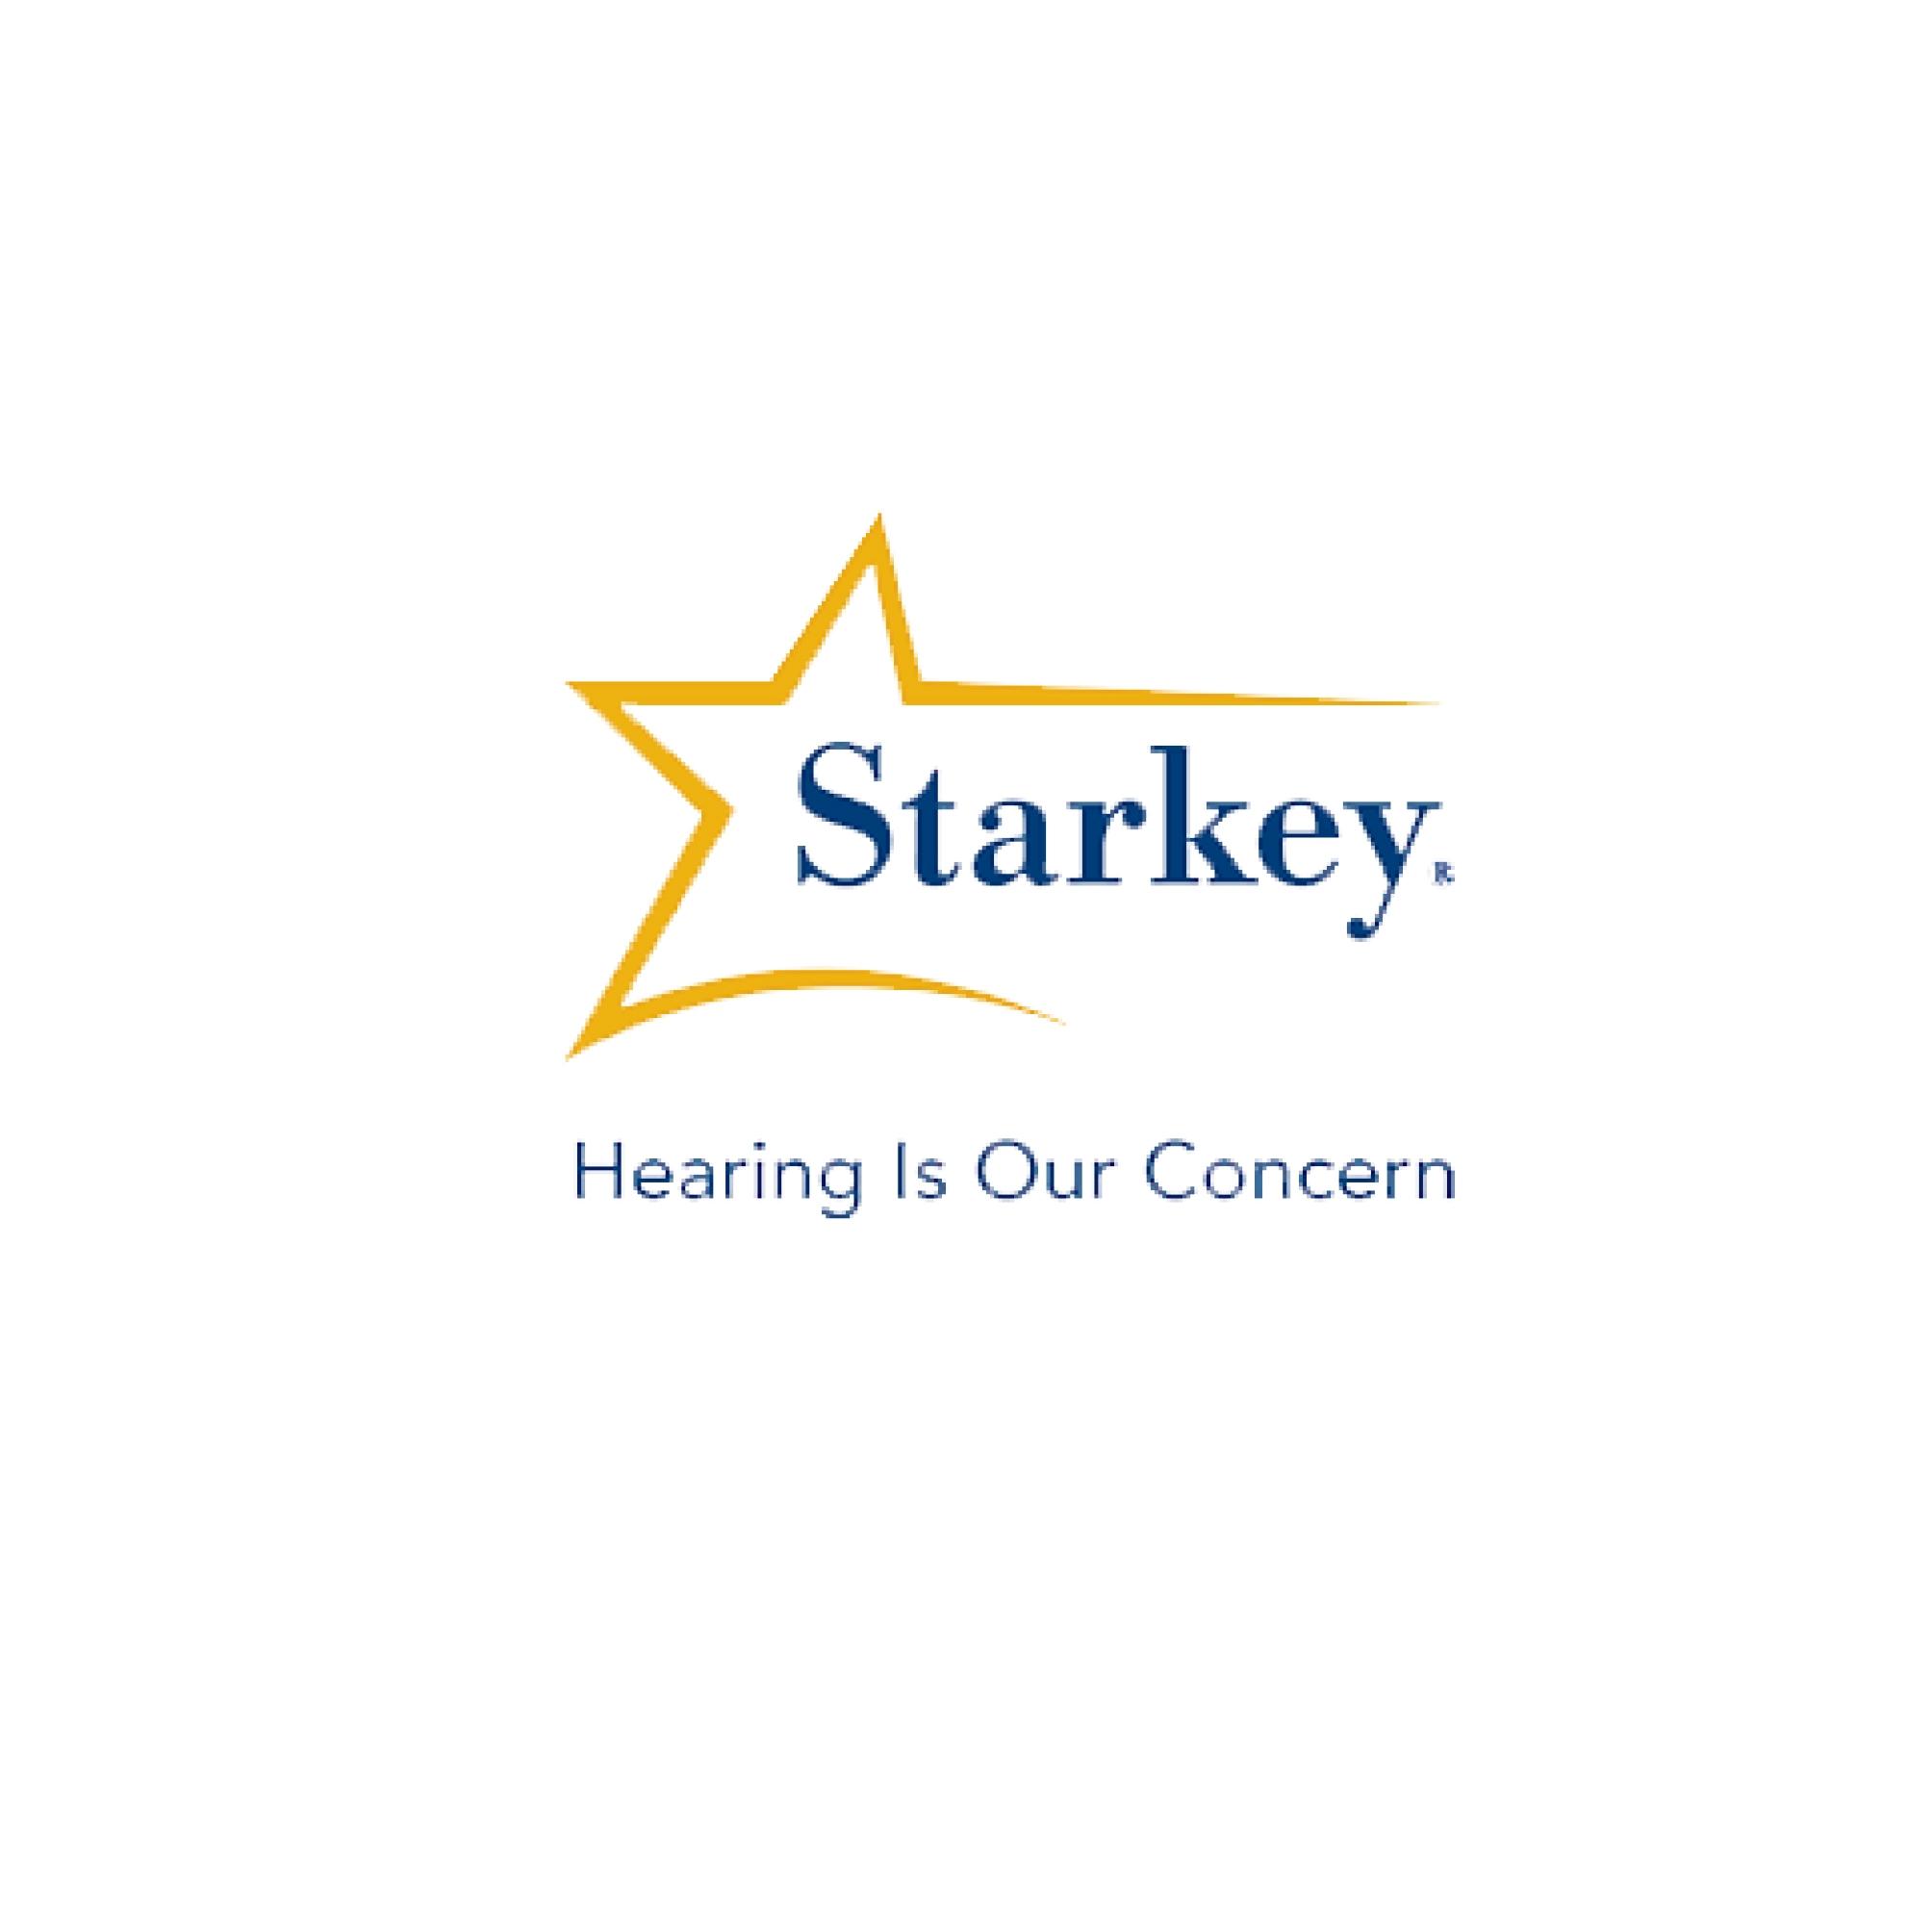 Logo Starkey